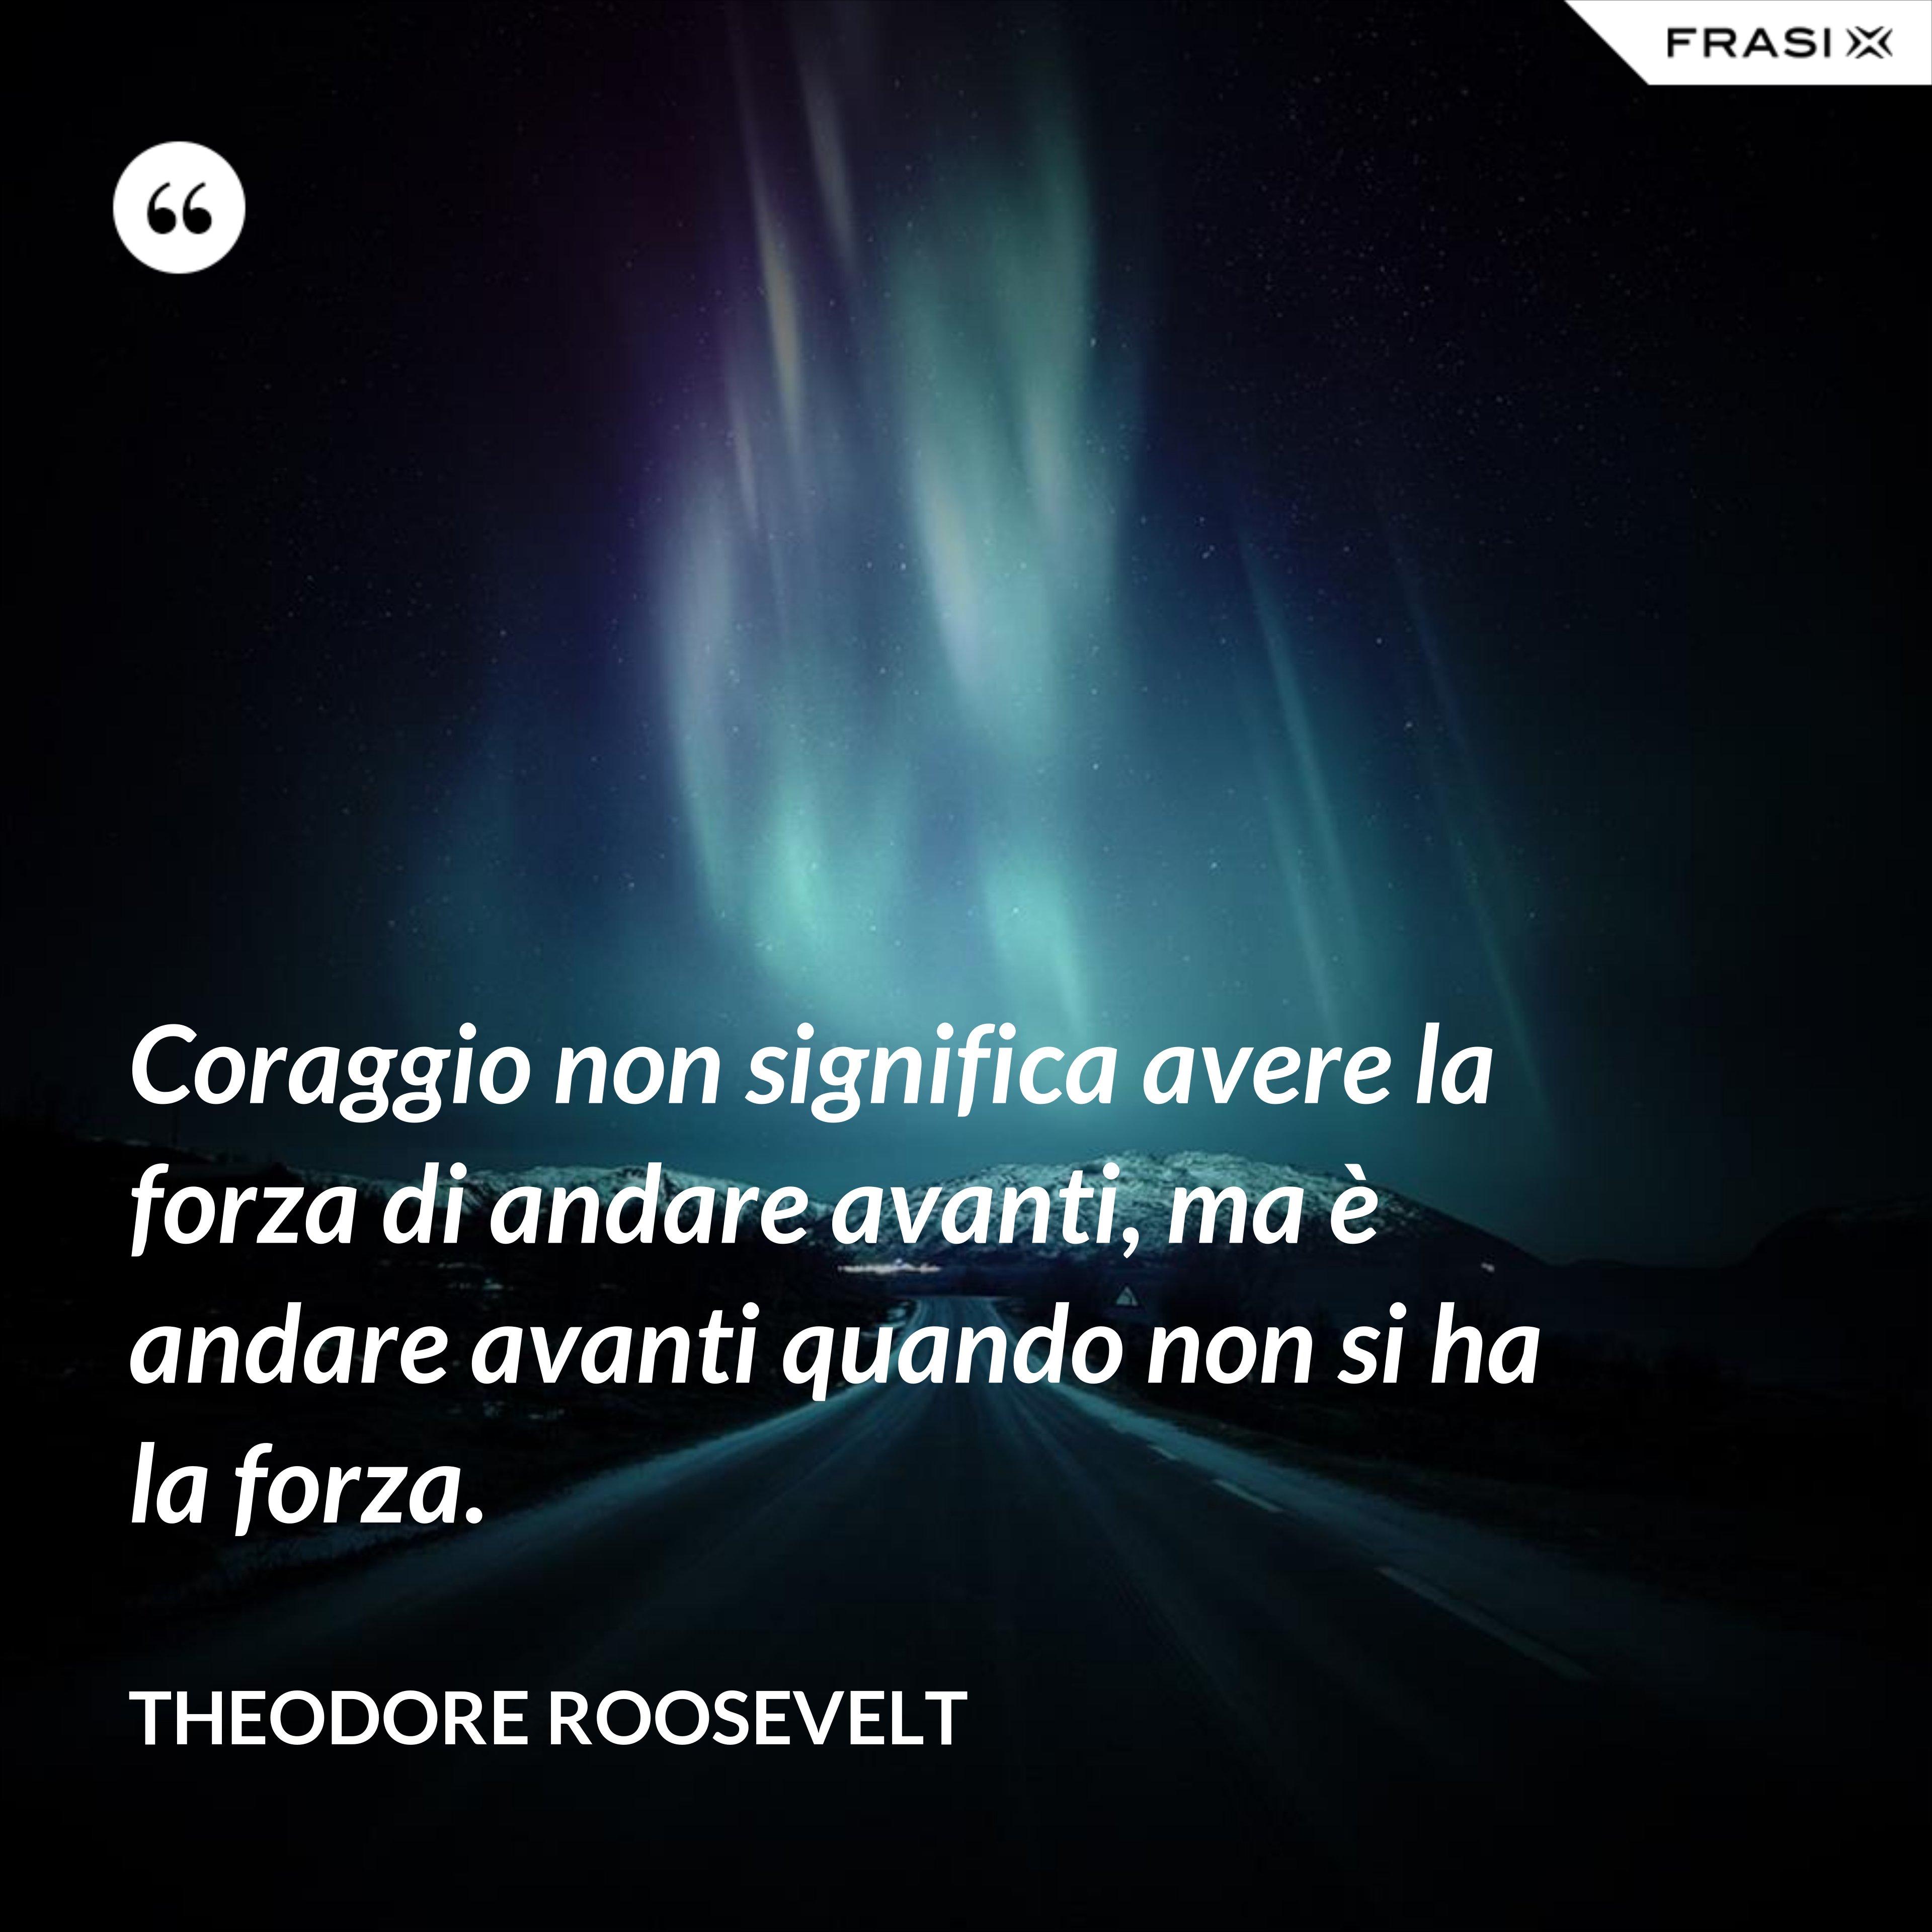 Coraggio non significa avere la forza di andare avanti, ma è andare avanti quando non si ha la forza. - Theodore Roosevelt